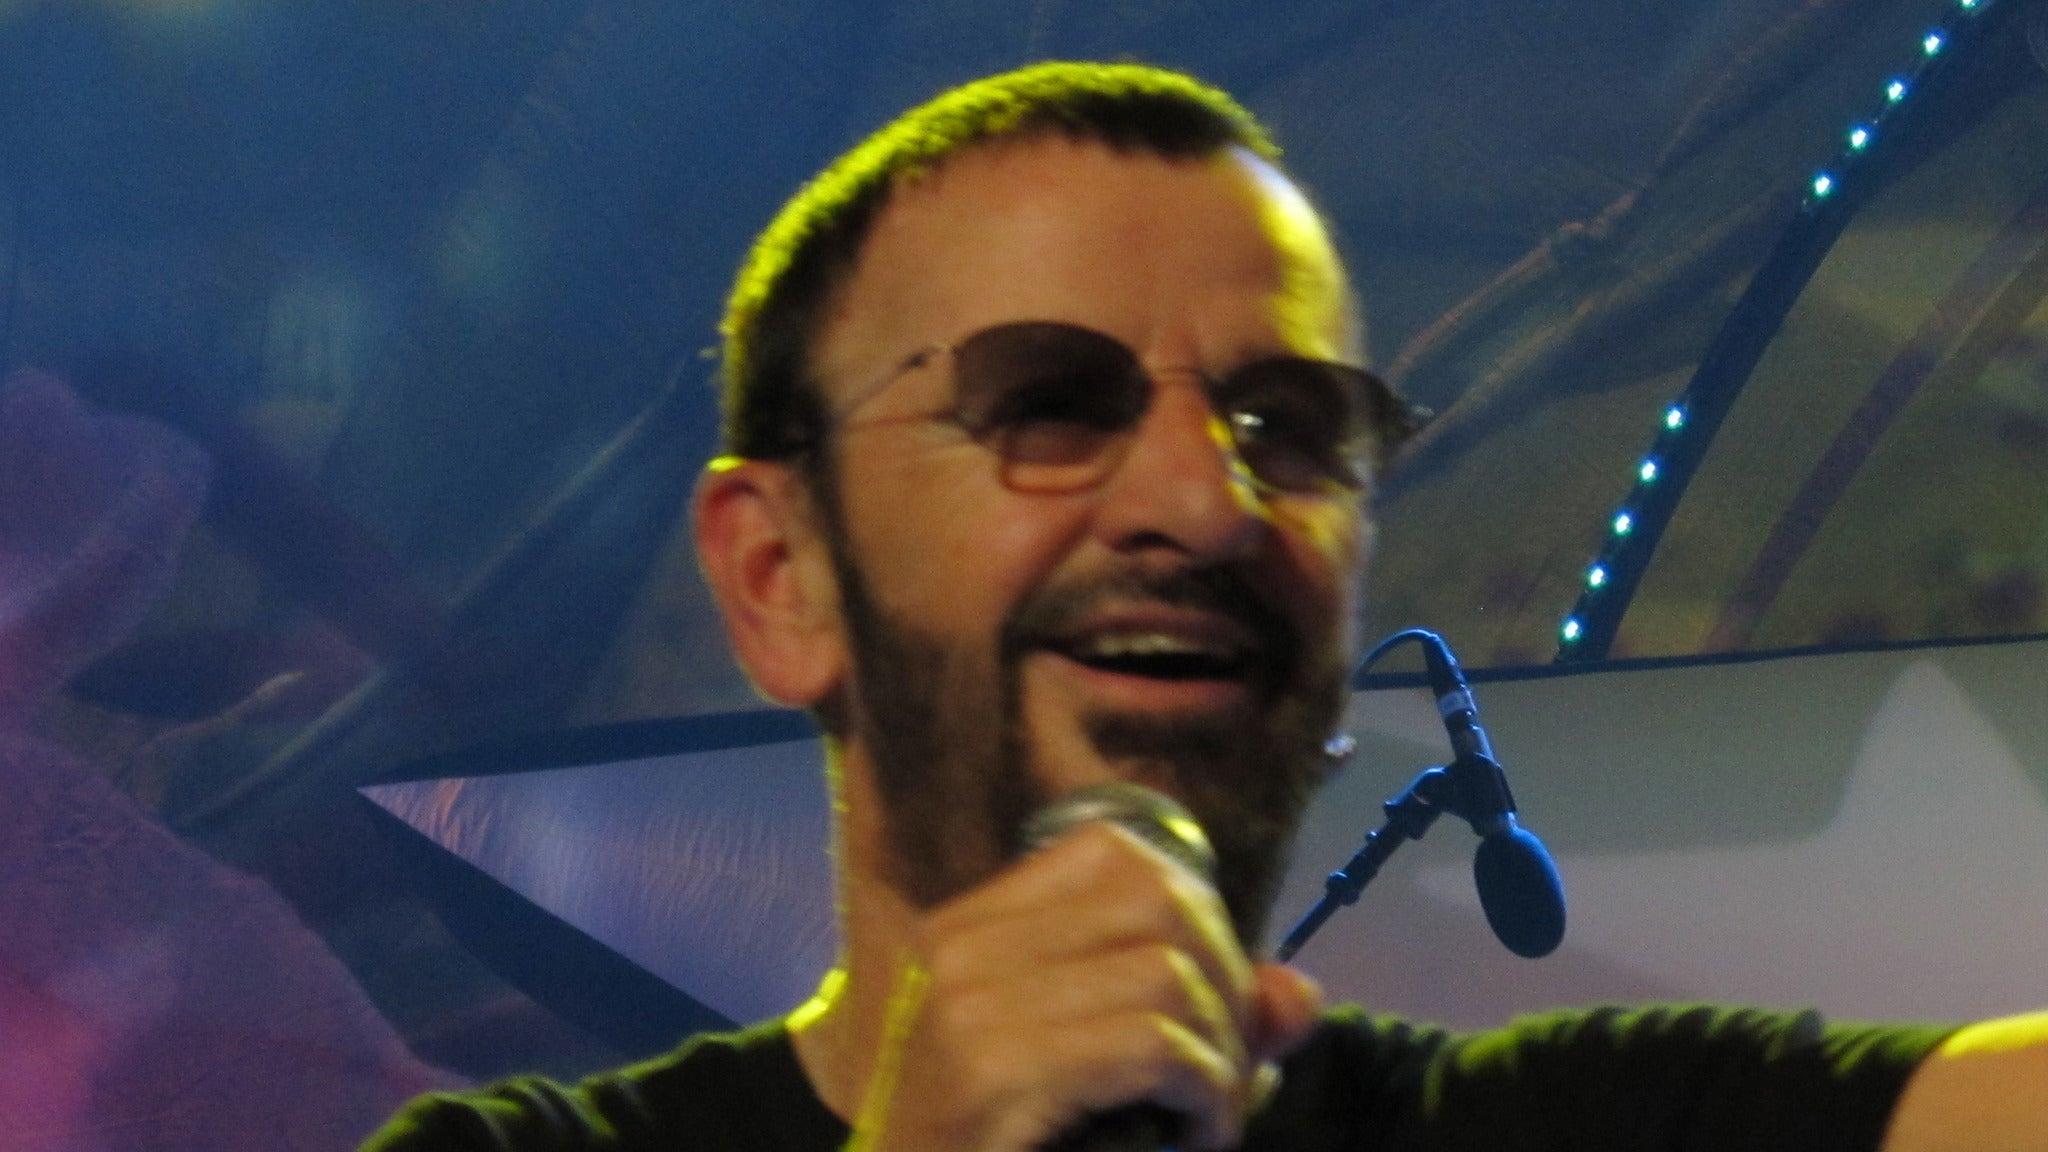 Ringo Starr at Bob Hope Theatre - Stockton, CA 95202